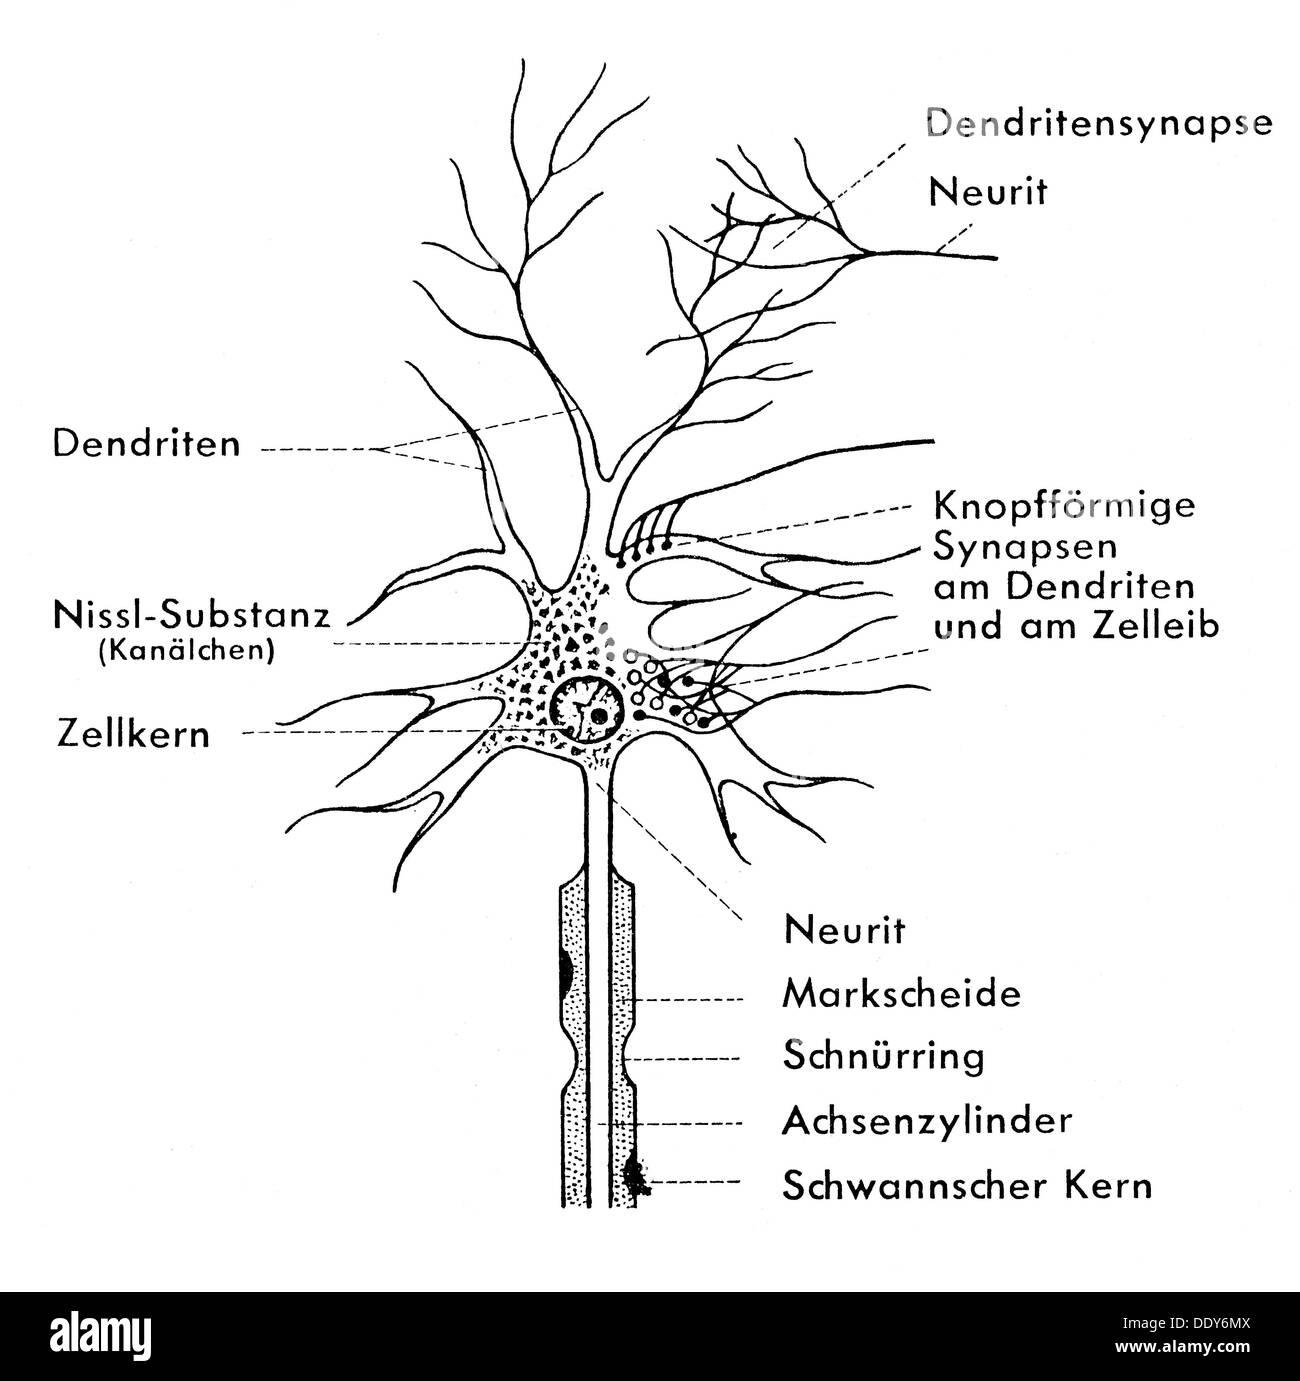 Atemberaubend Zeichnen Von Schematischen Diagrammen Bilder ...